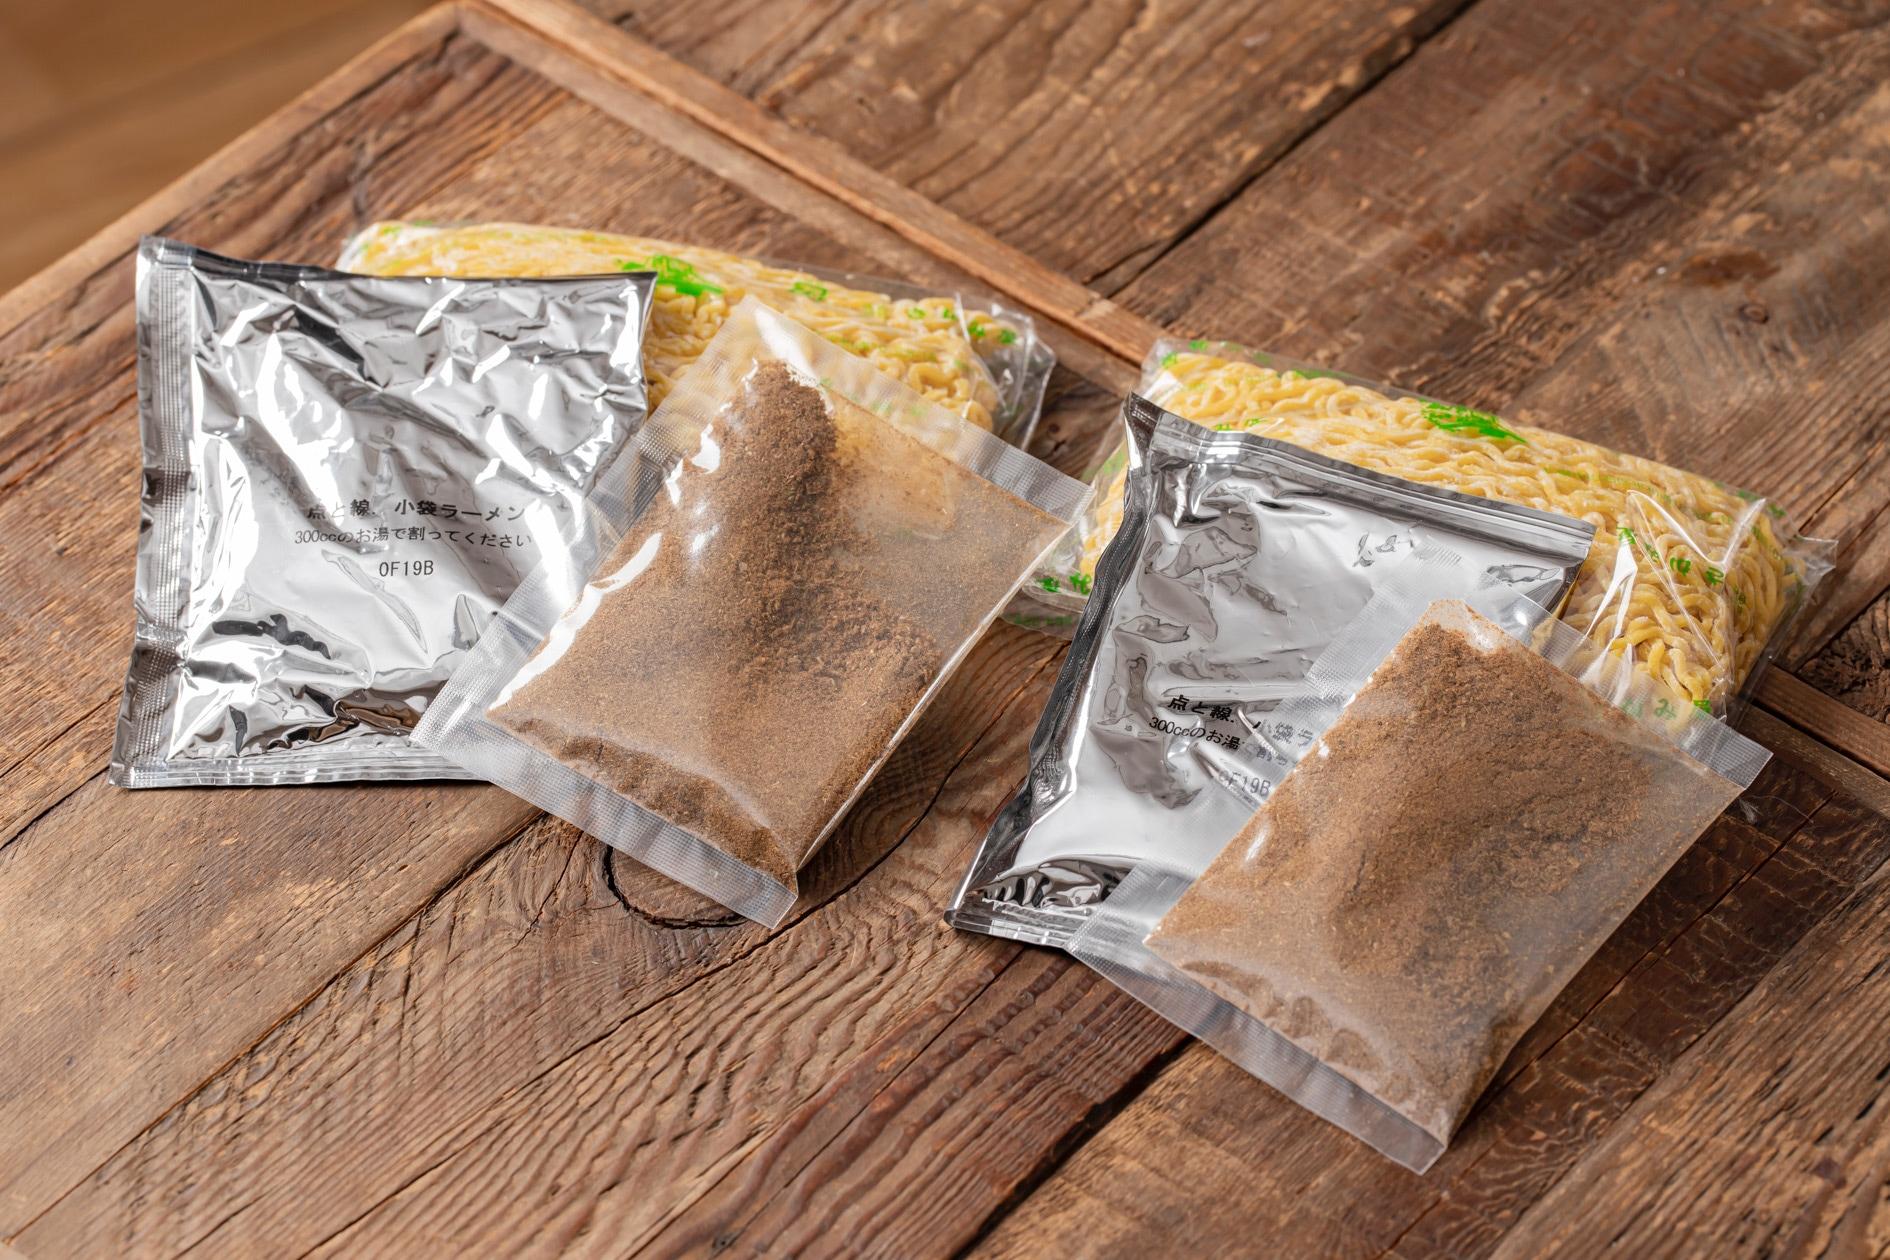 スパイスラーメン点と線の通販レトルト商品の中身,生ラーメン2袋・乾燥スープ2袋・ミックススパイス2袋